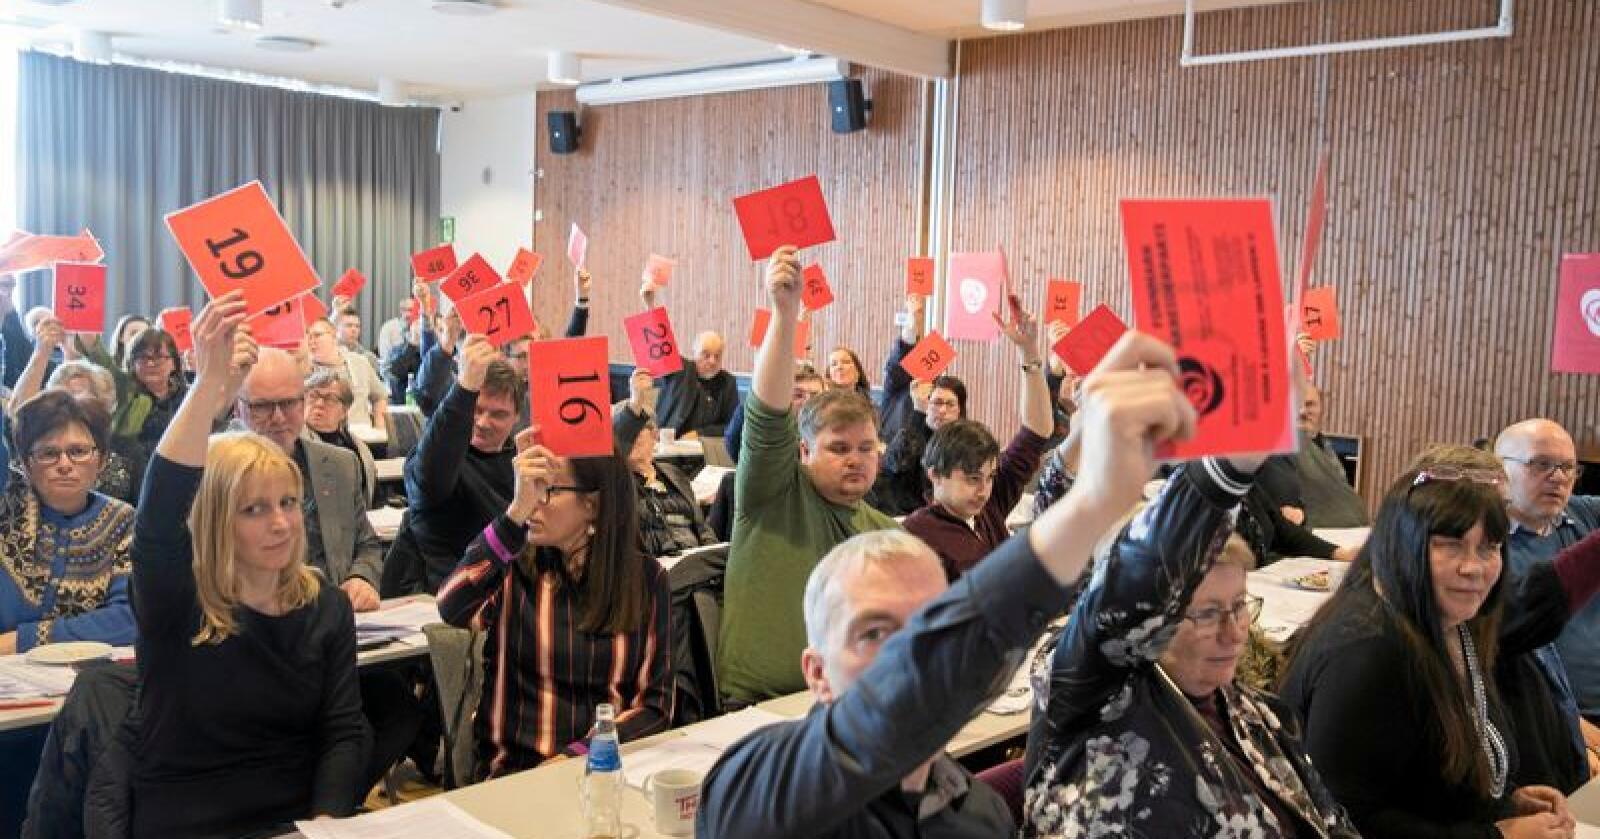 Nei: Fra årsmøtet i Finnmark Ap  som sa nei til avtalen om sammenslåing med Finnmark og Troms. Foto: Vidar Ruud/NTB scanpix